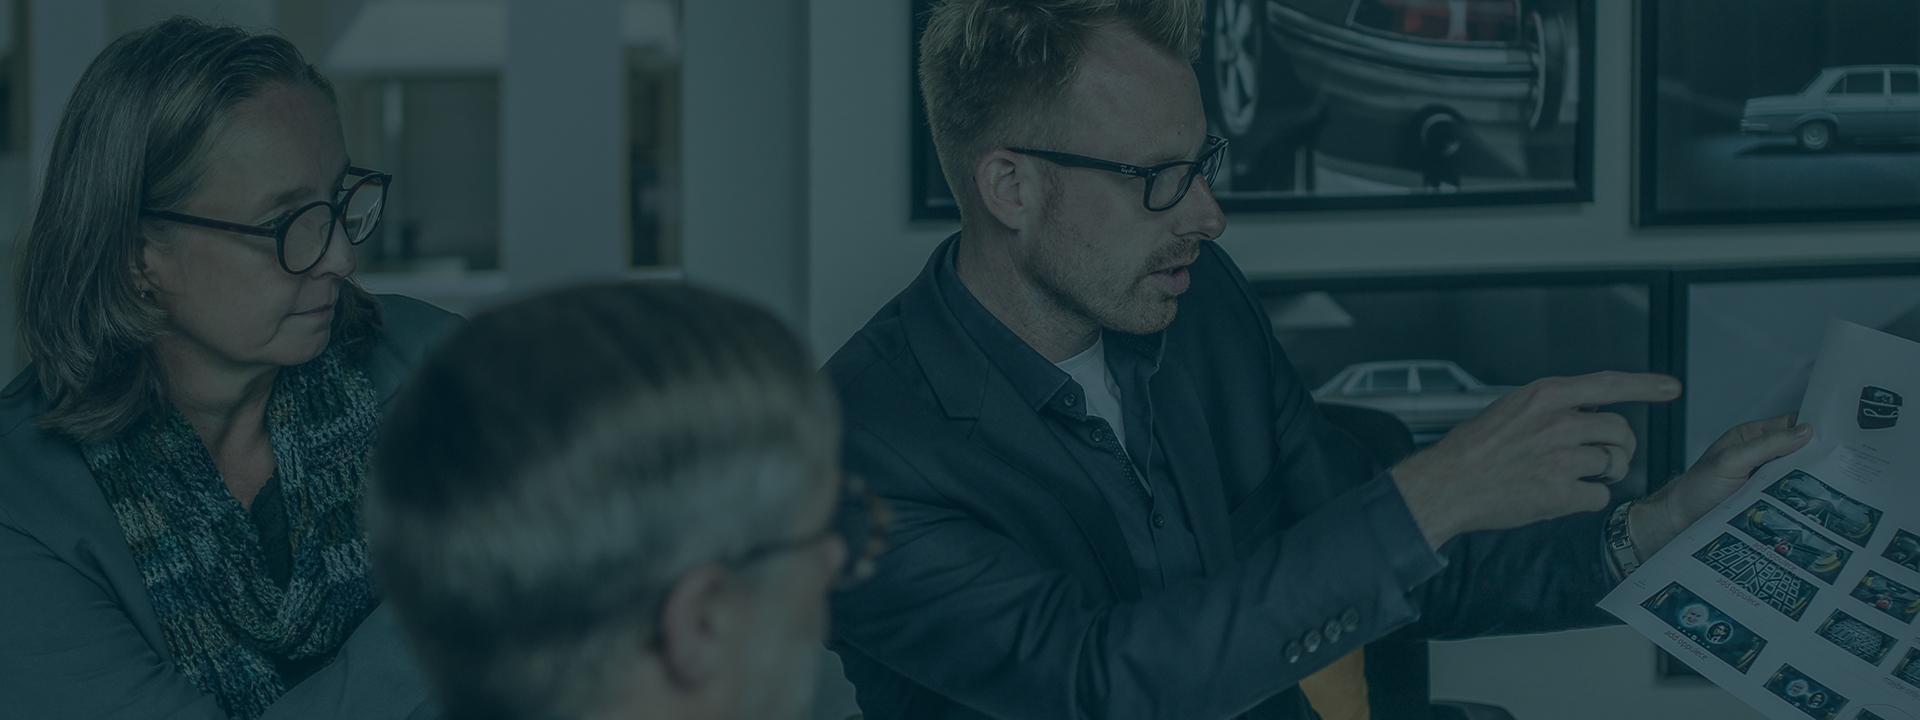 design-team-collaboration-studio